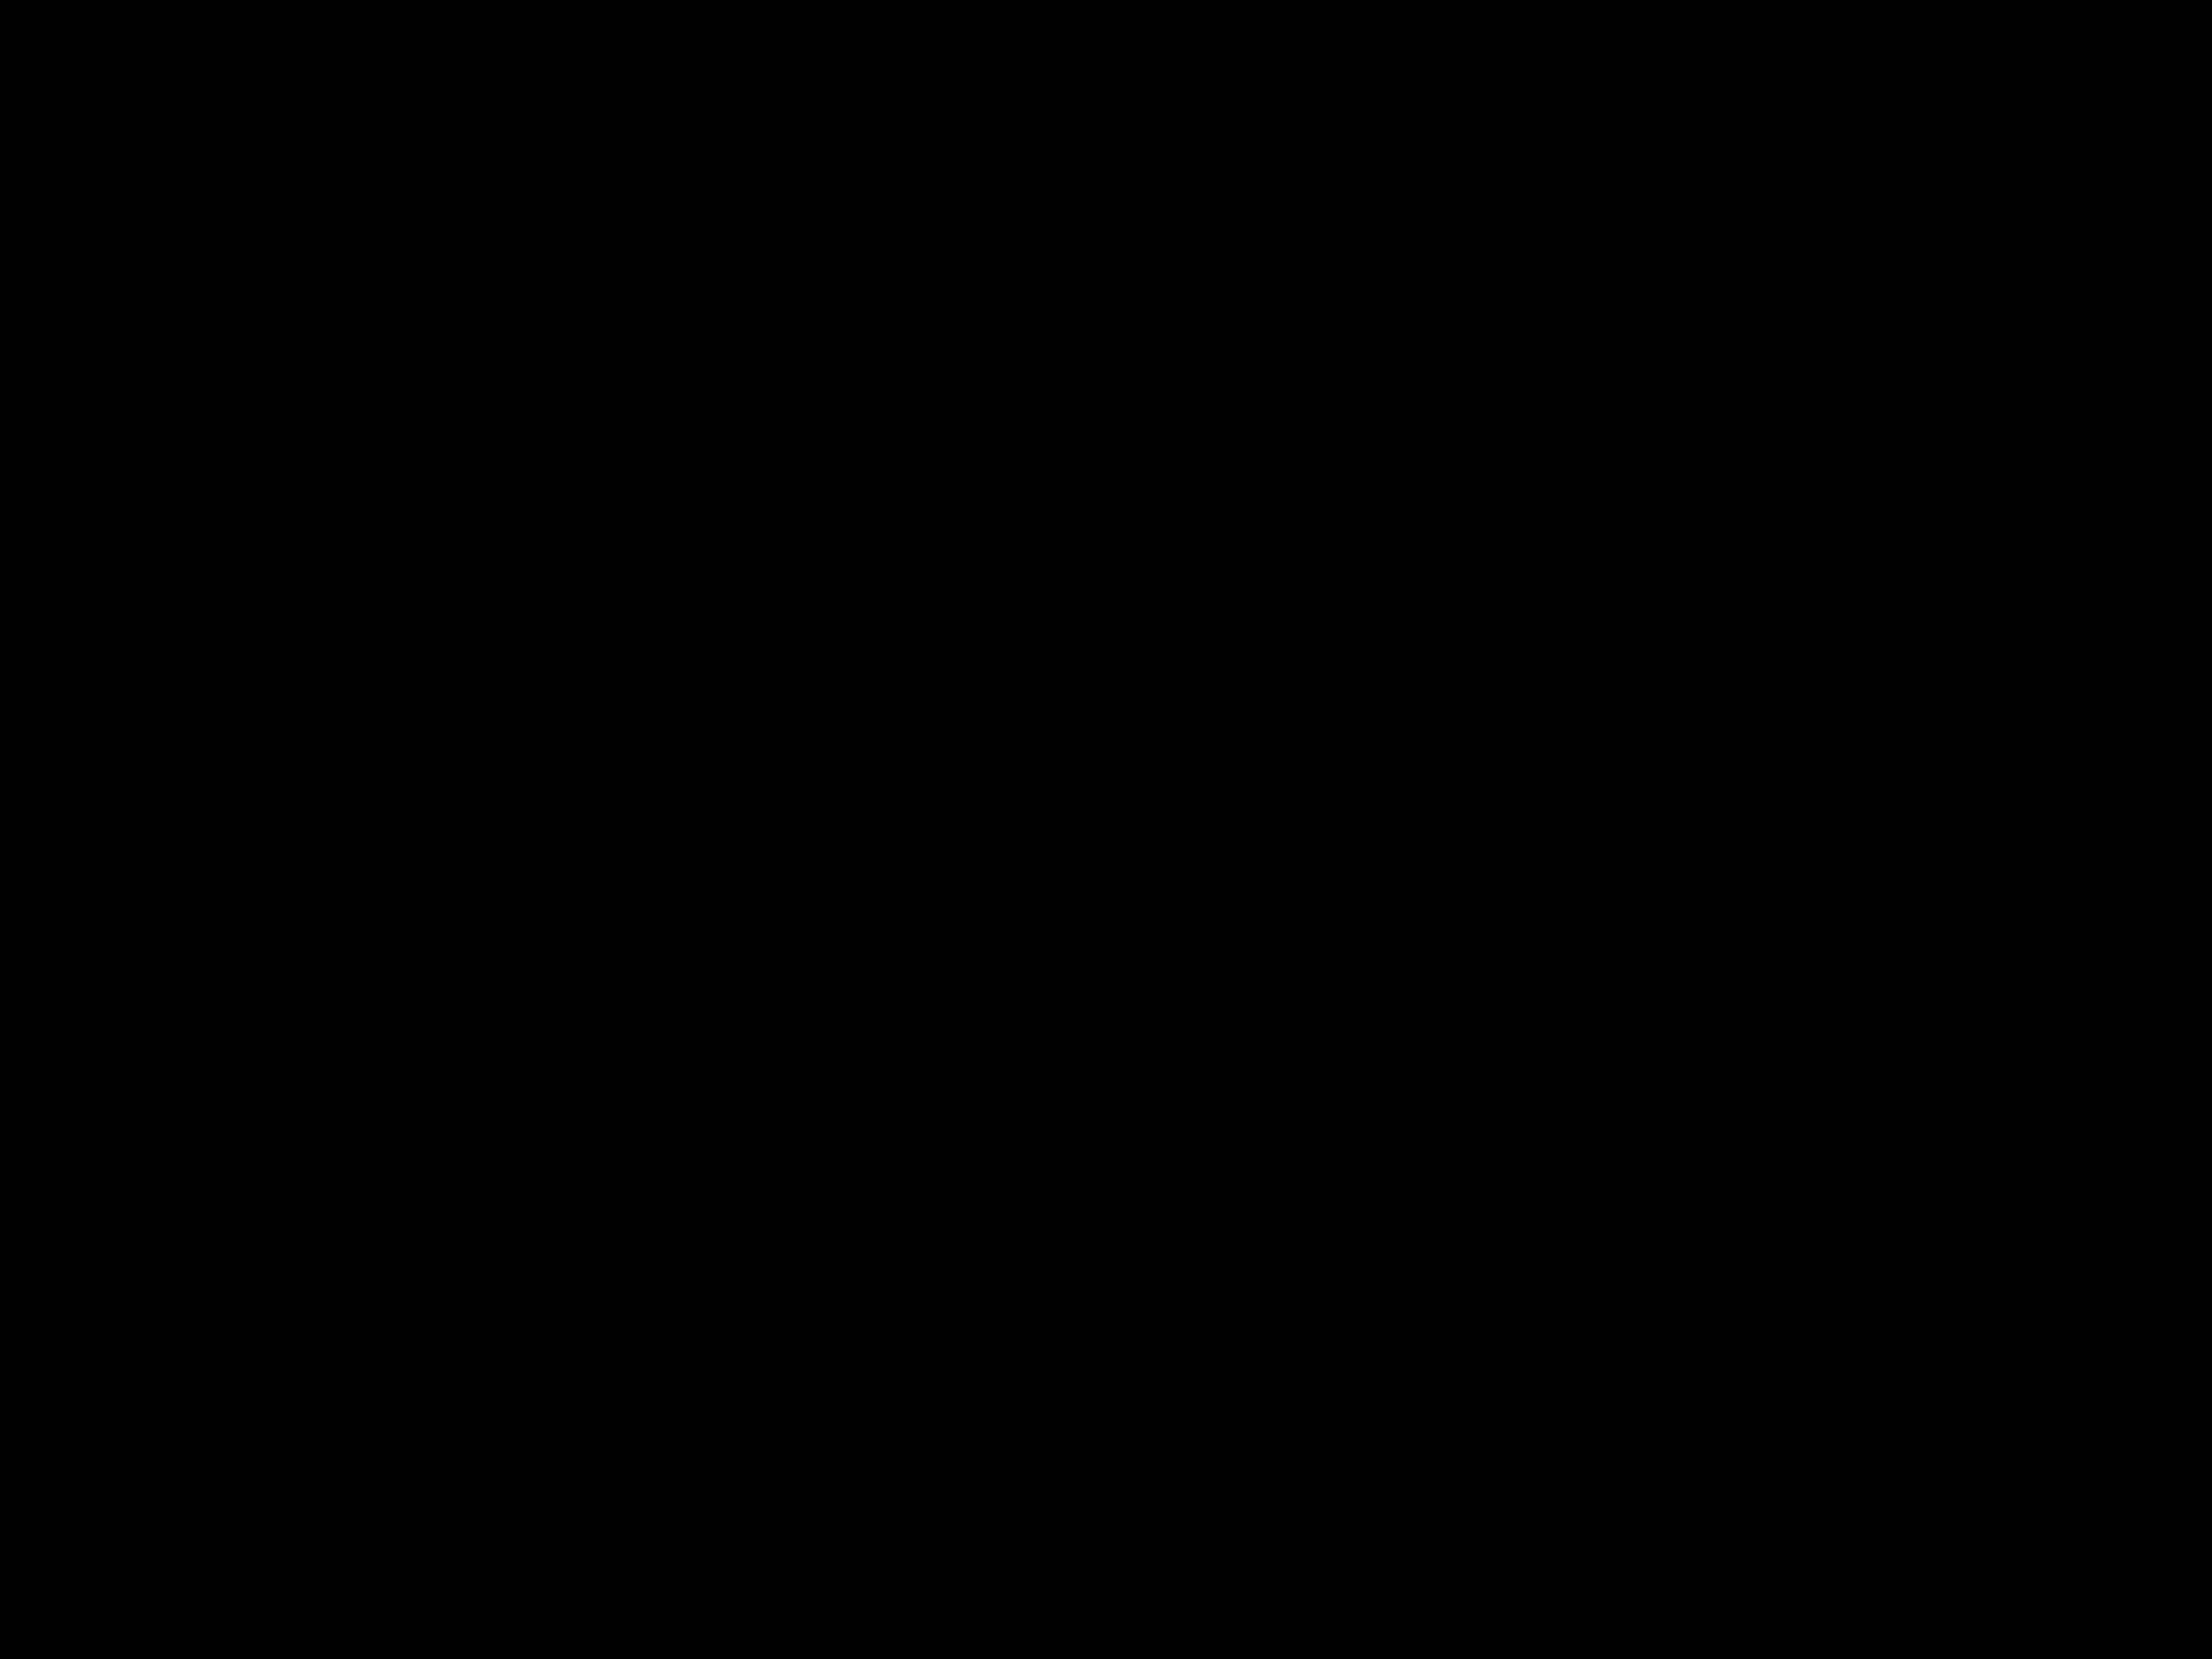 BAGLoB-Wissenschaftstagung 2017